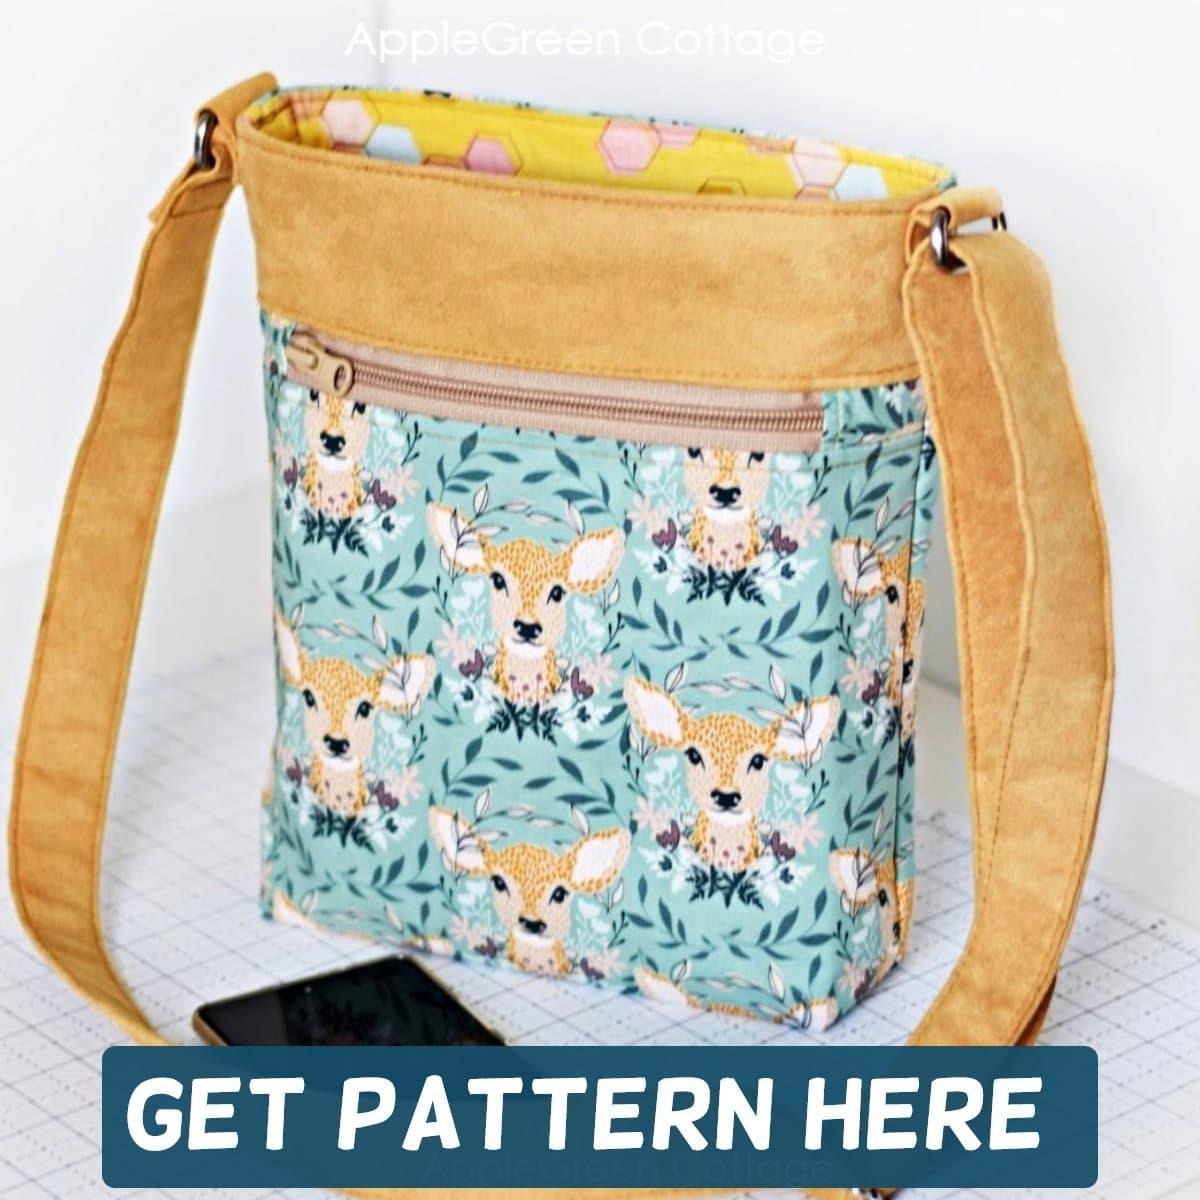 teya crossbody bag pattern sewn in teal and brown suede